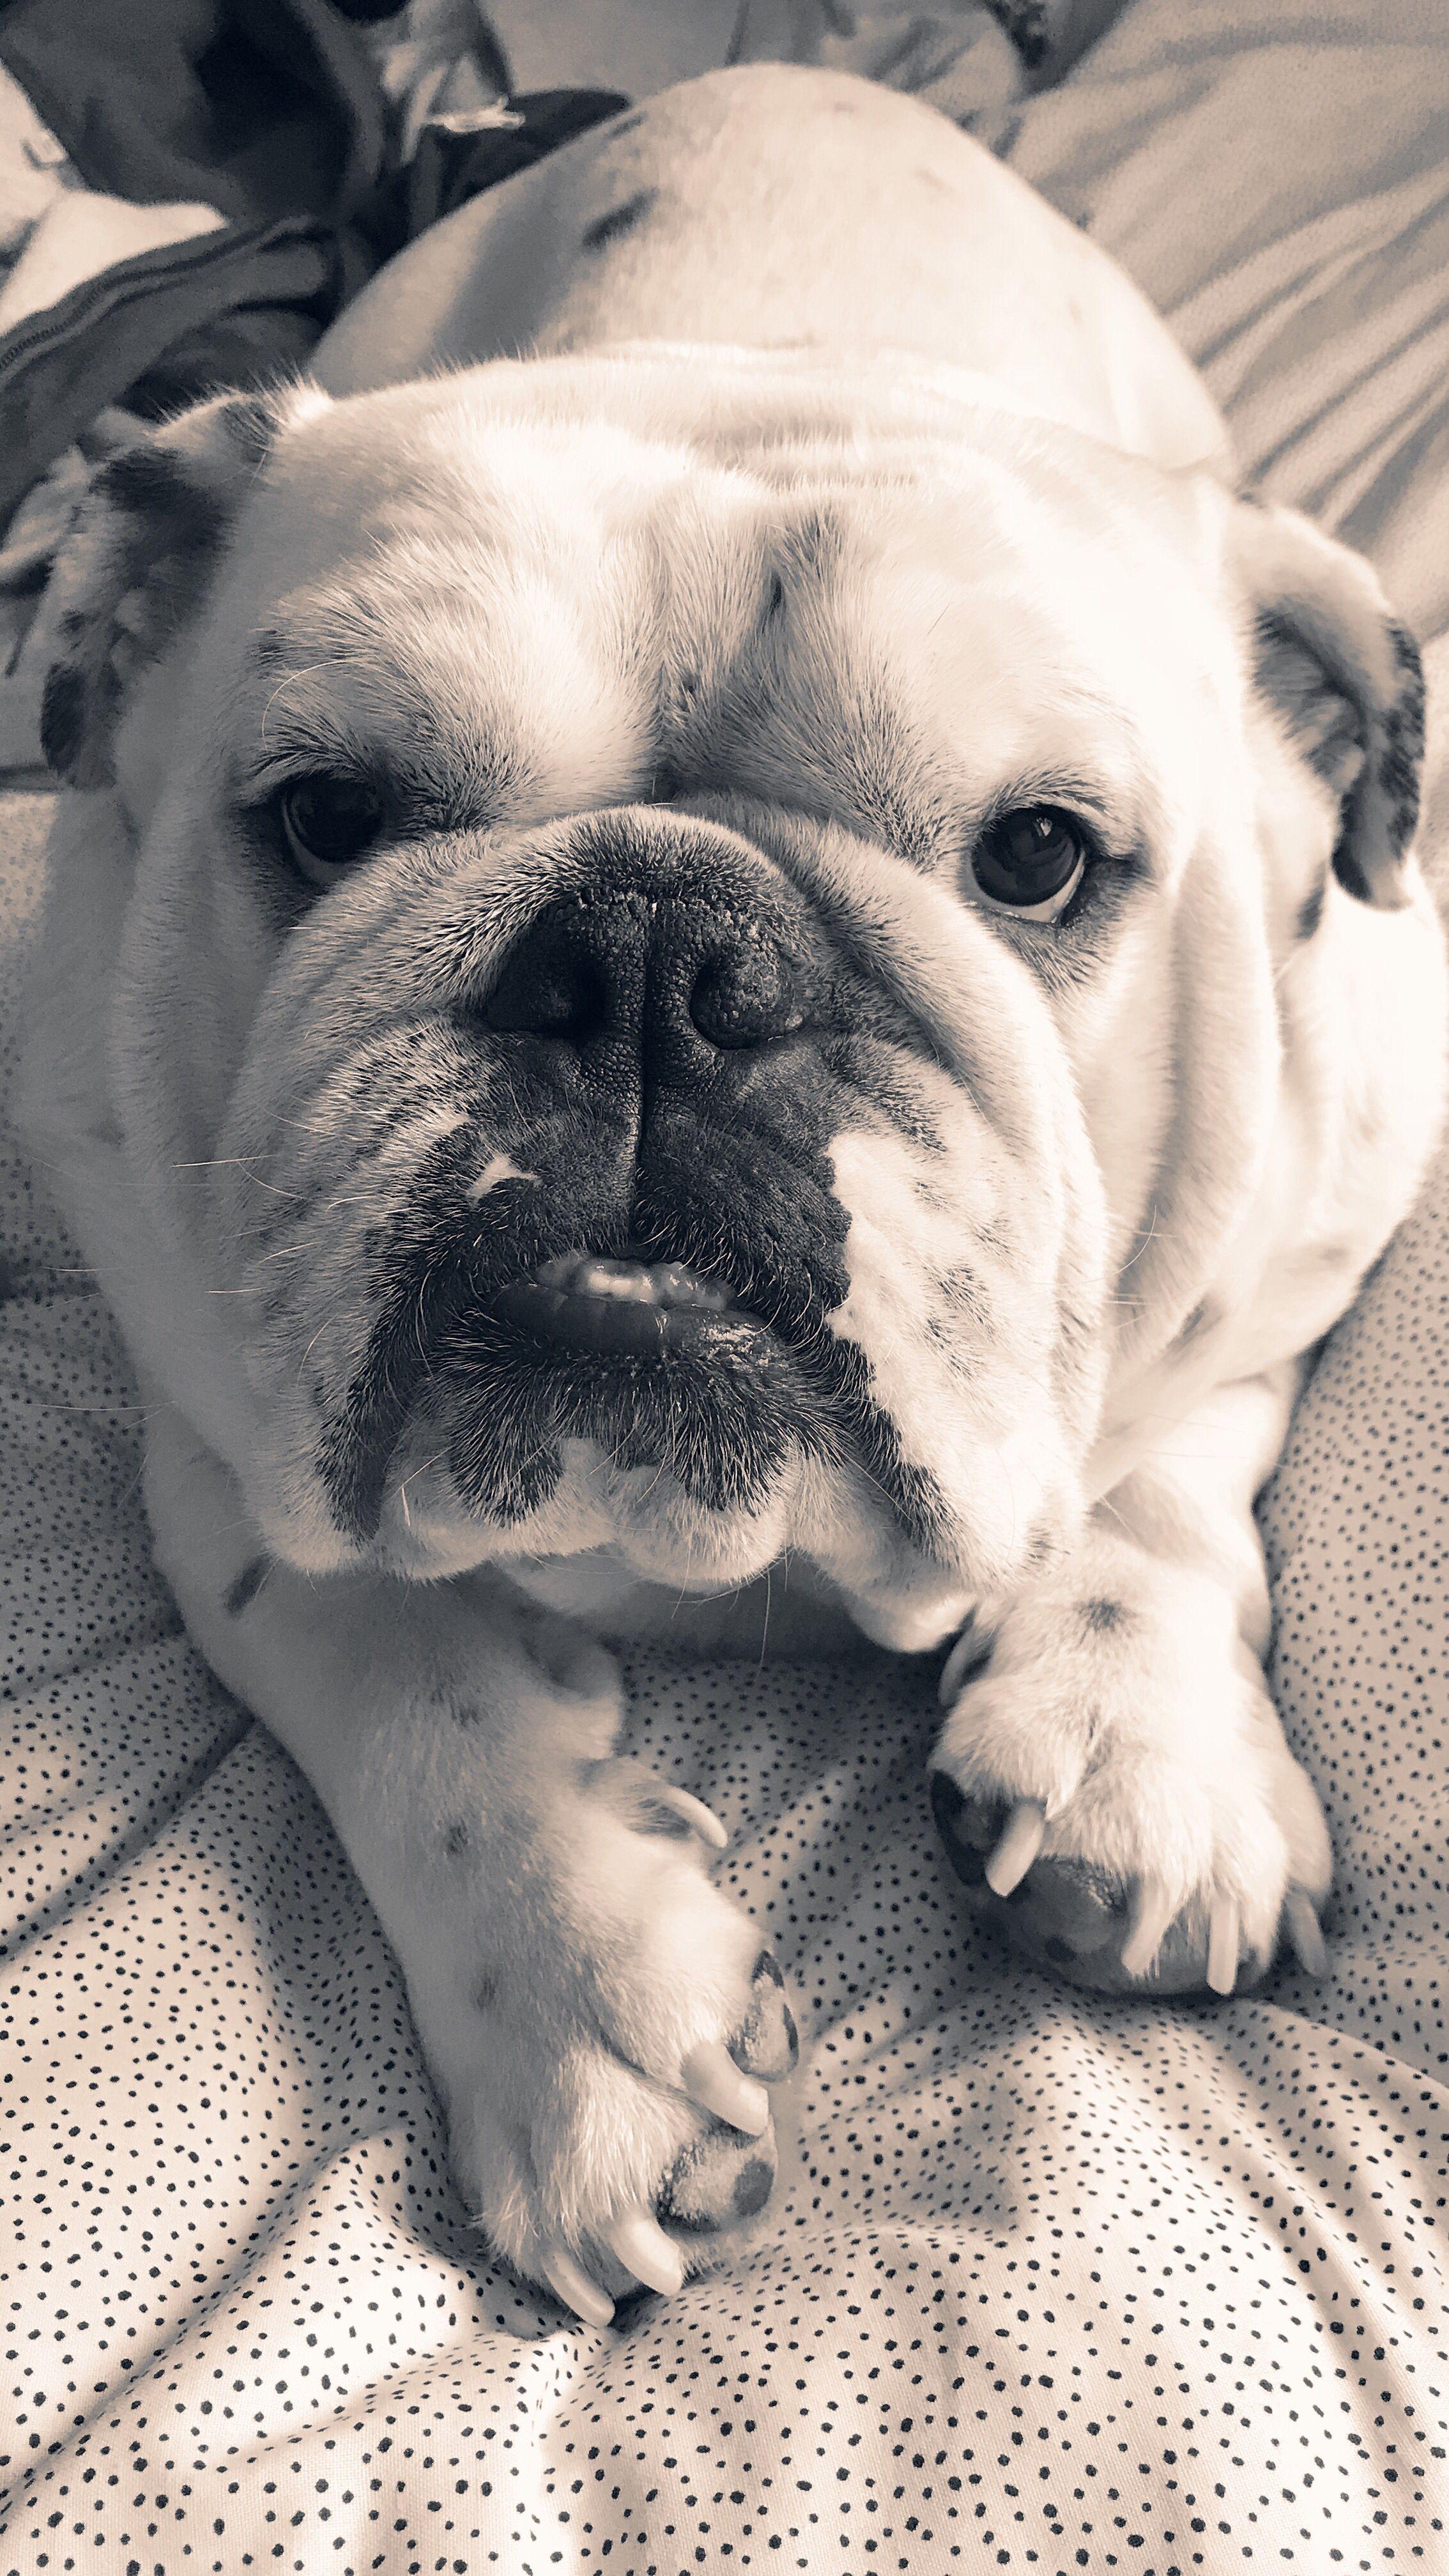 Bulldog English Bulldog British Bulldog Black And White Photo Dogs Puppy Love Britishbulldog Bulldog Puppies Bulldog Bulldog Dog